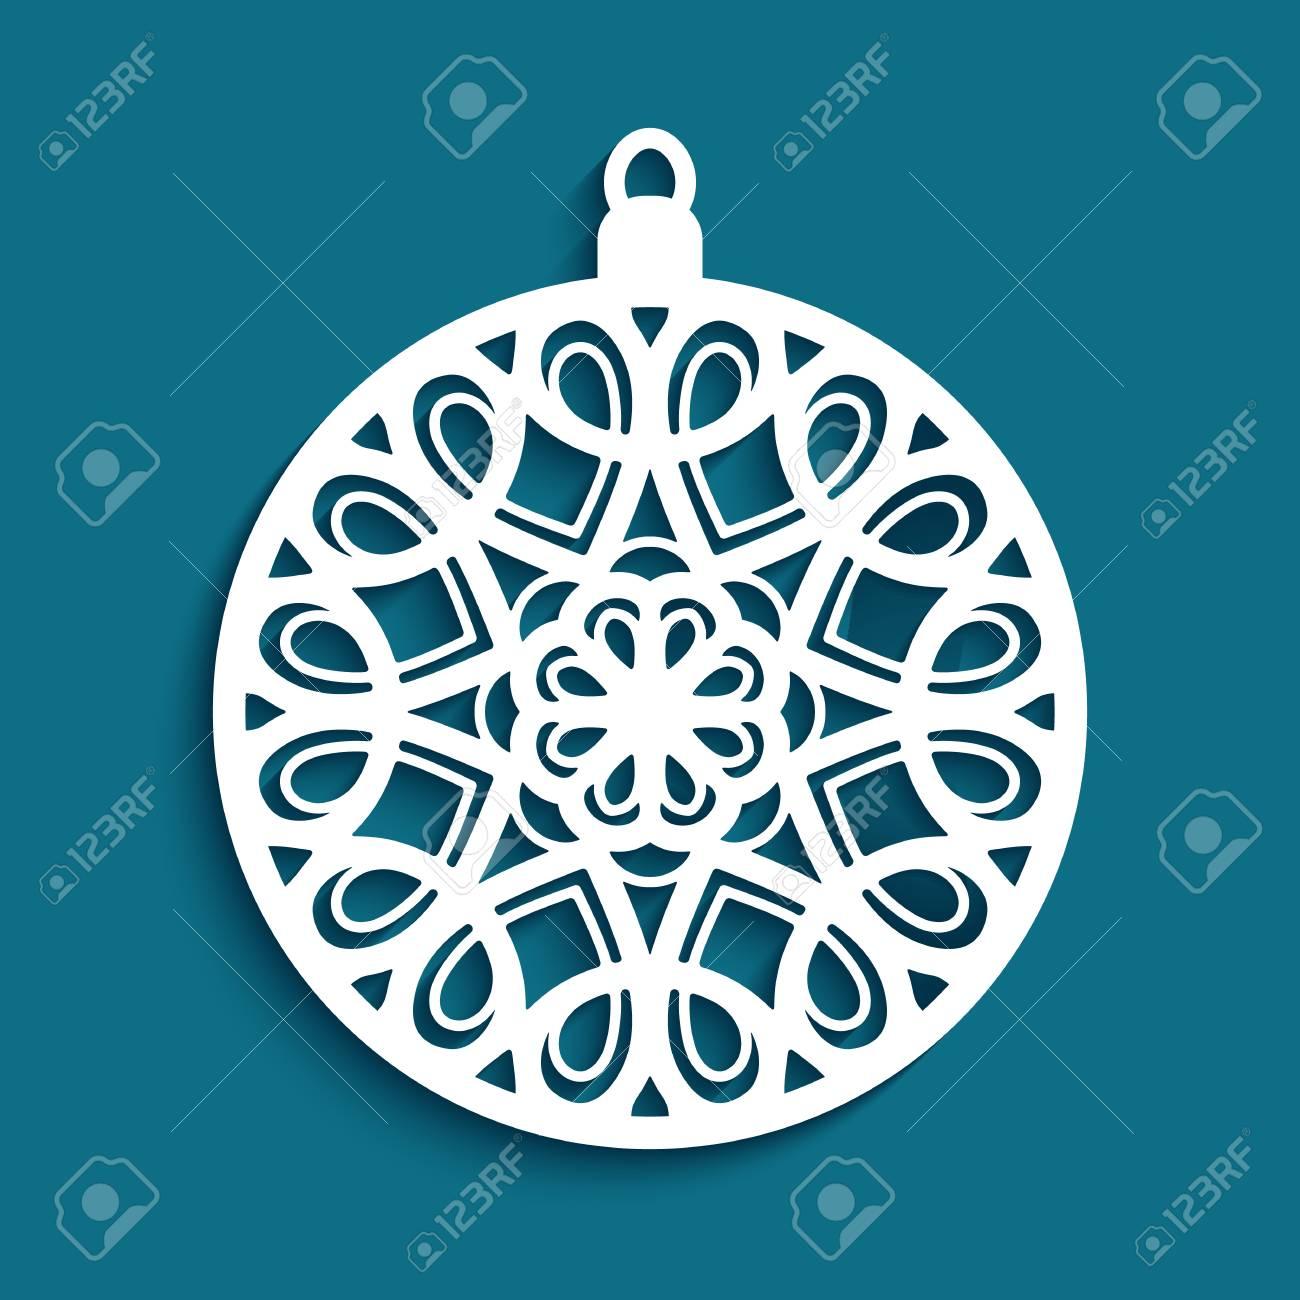 Christmas Cutout Patterns.Ornamental Christmas Ball Cutout Paper Pattern Round Lace Decoration